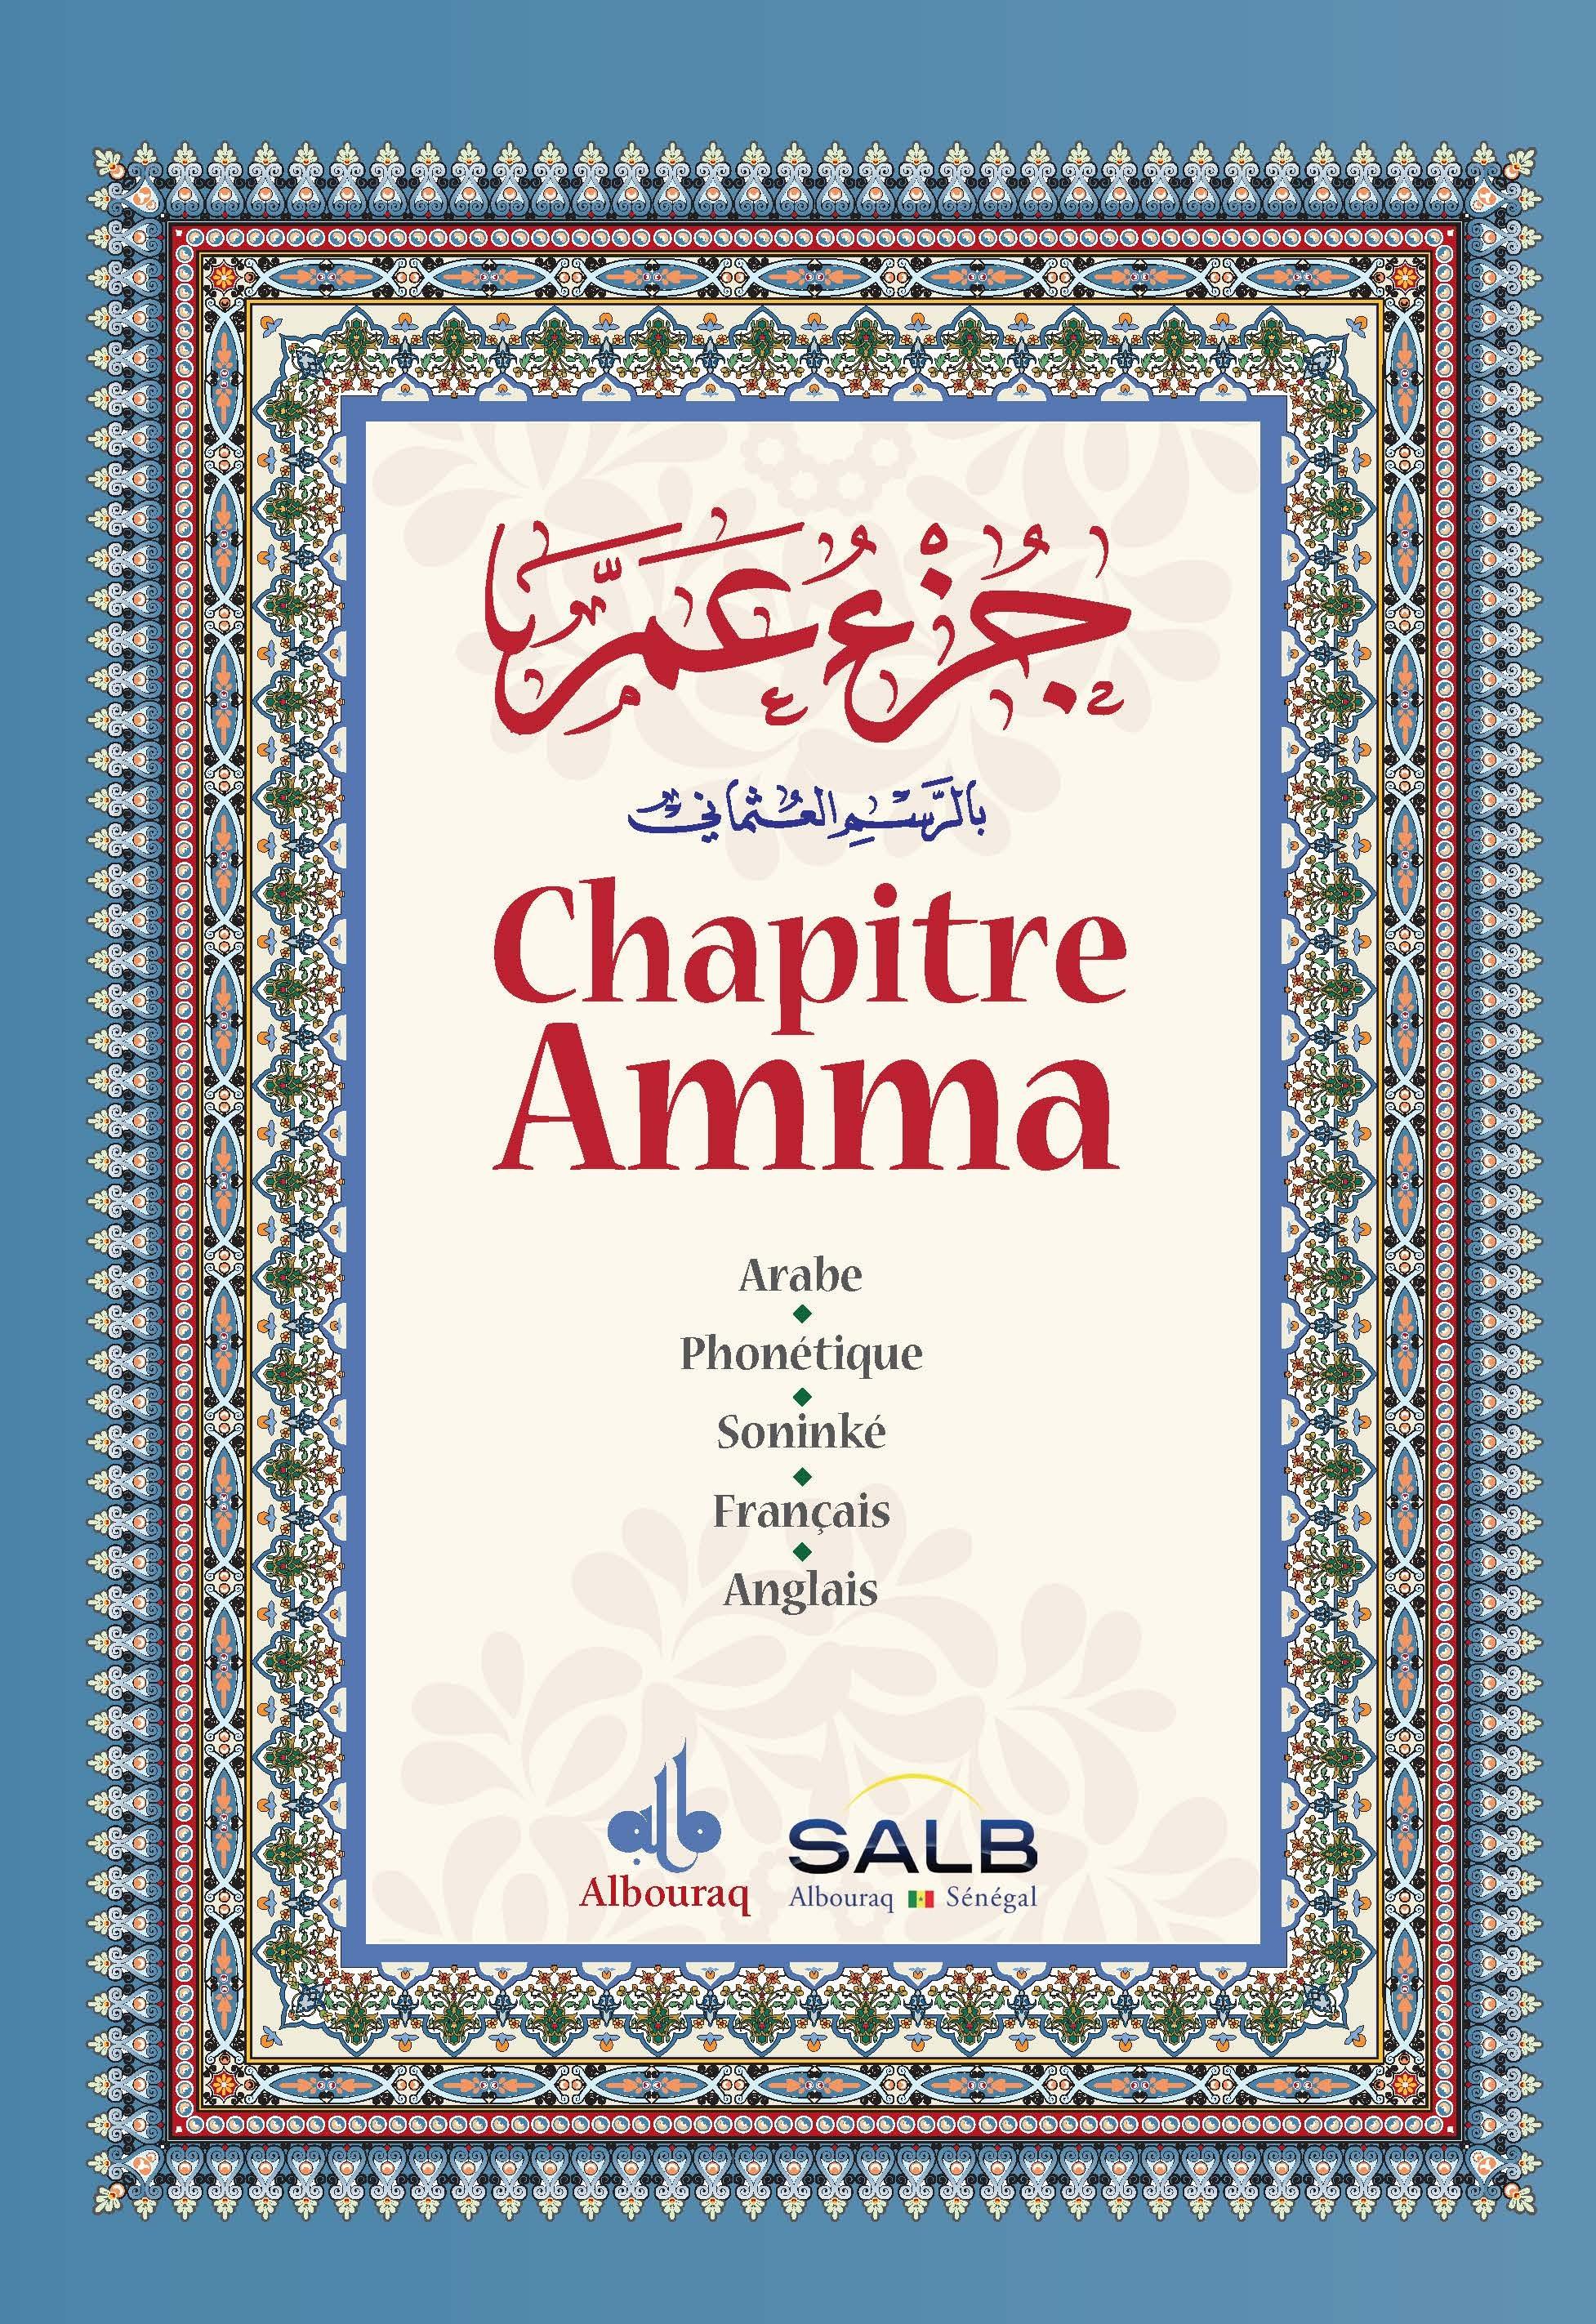 CHAPITRE AMMA  ARC EN CIEL : ARABE-PHONETIQUE-SONINKE-FRANCAIS-ANGLAIS